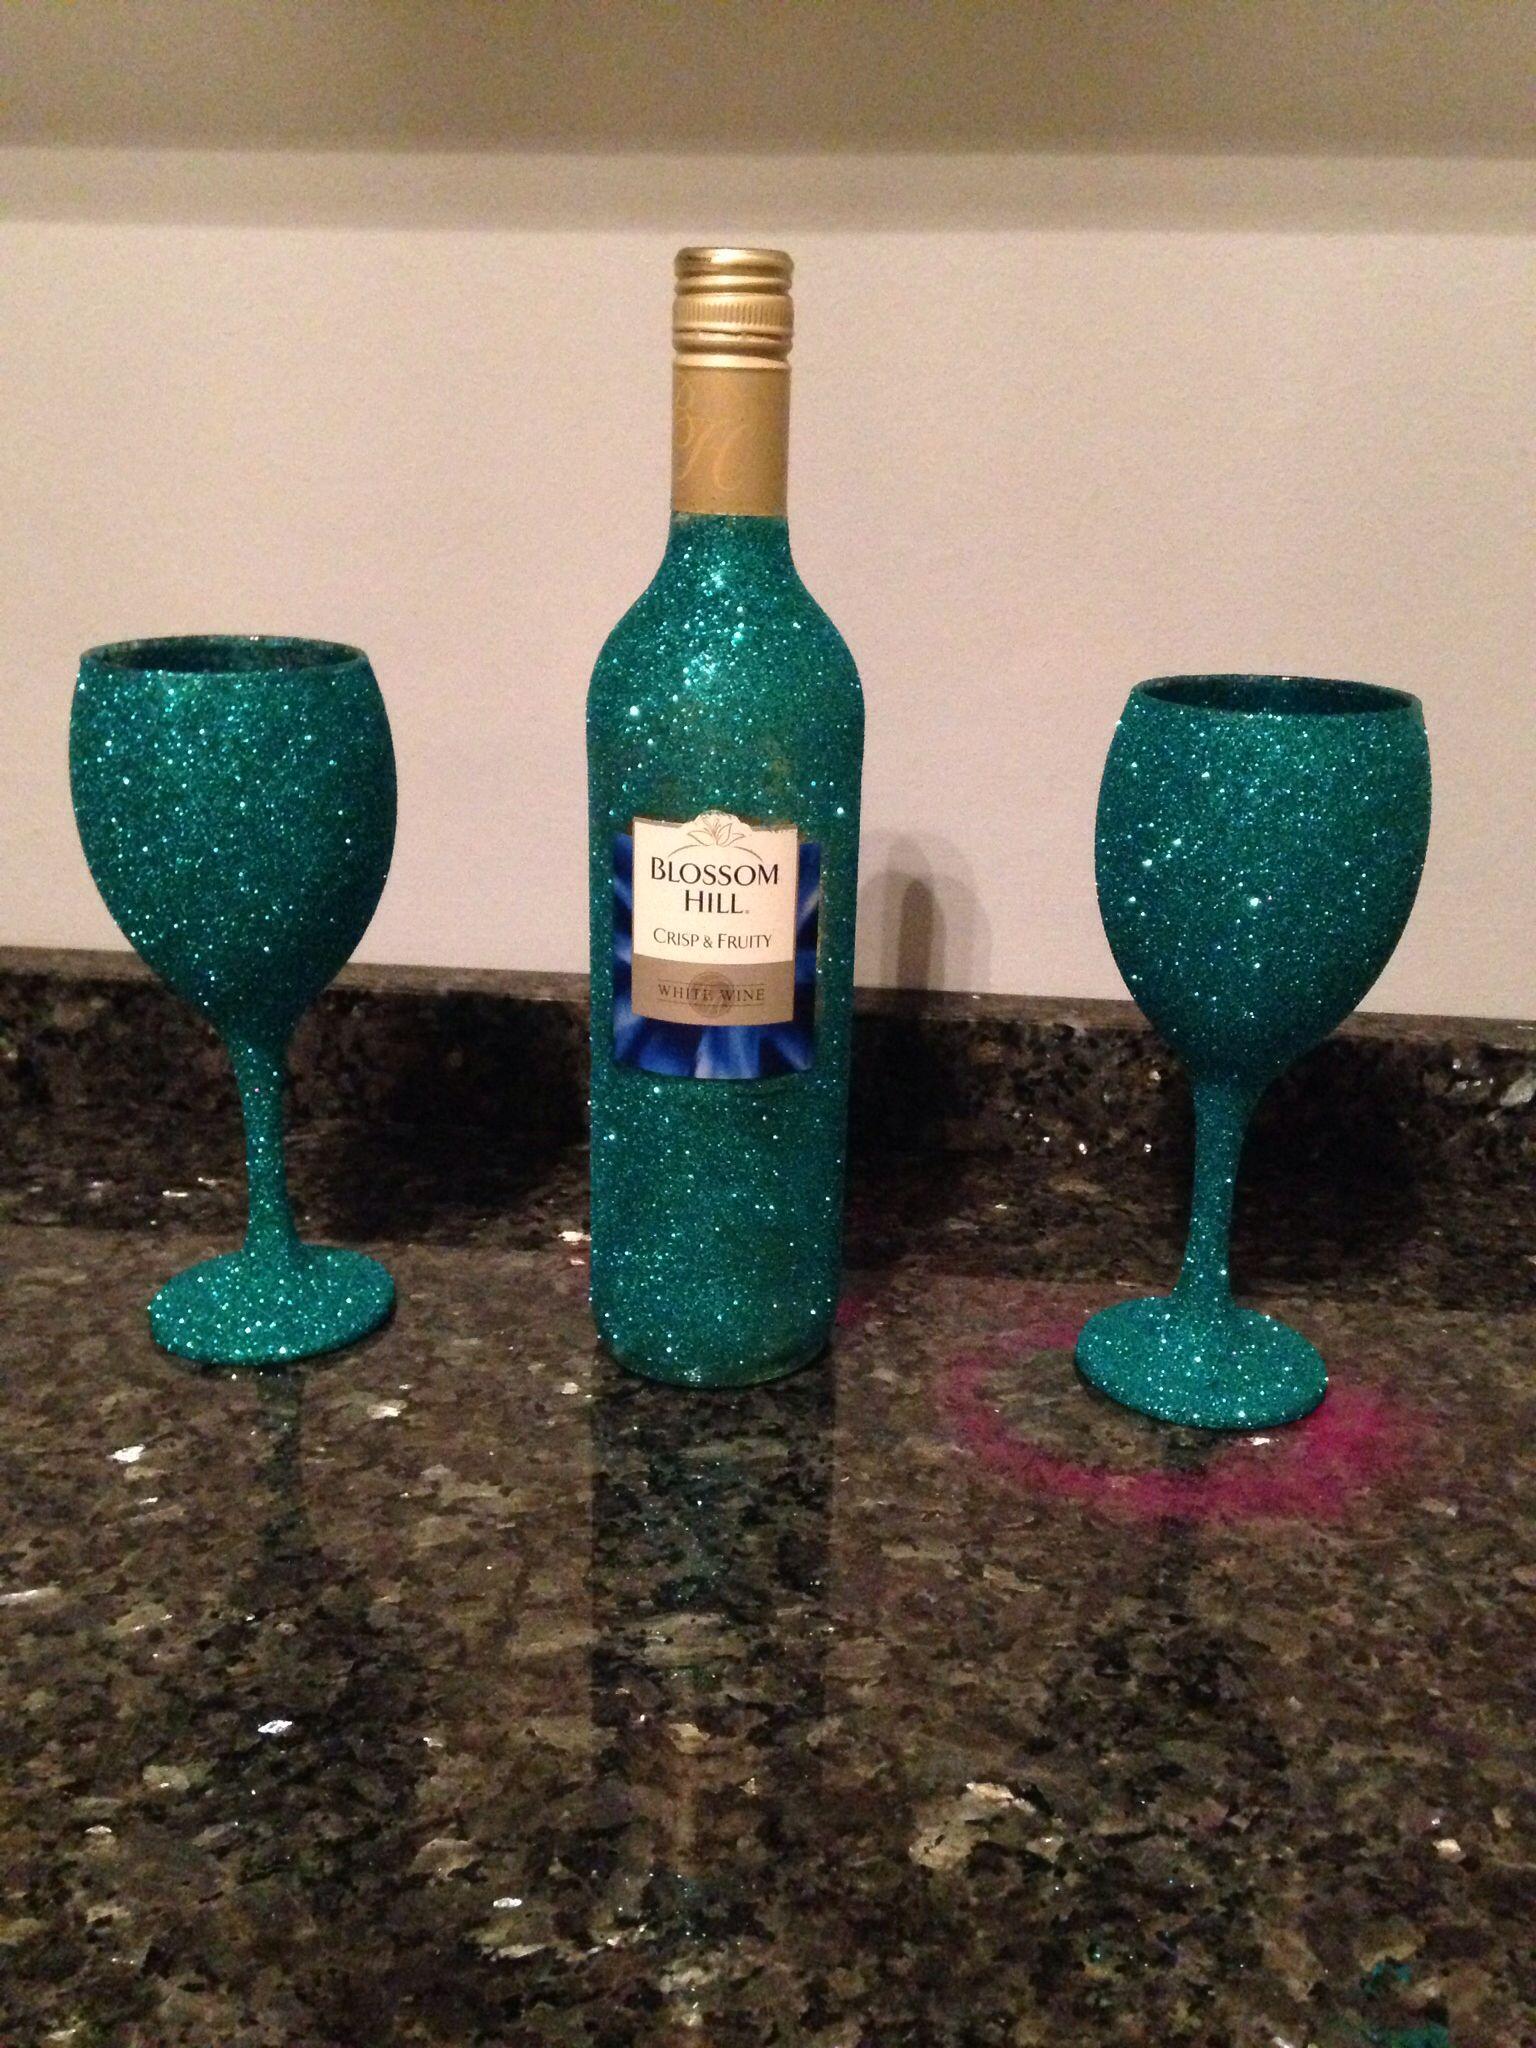 Glitter glasses vases bowls wine bottles handmade by myself glitter glasses vases bowls wine bottles handmade by myself and a friend reviewsmspy